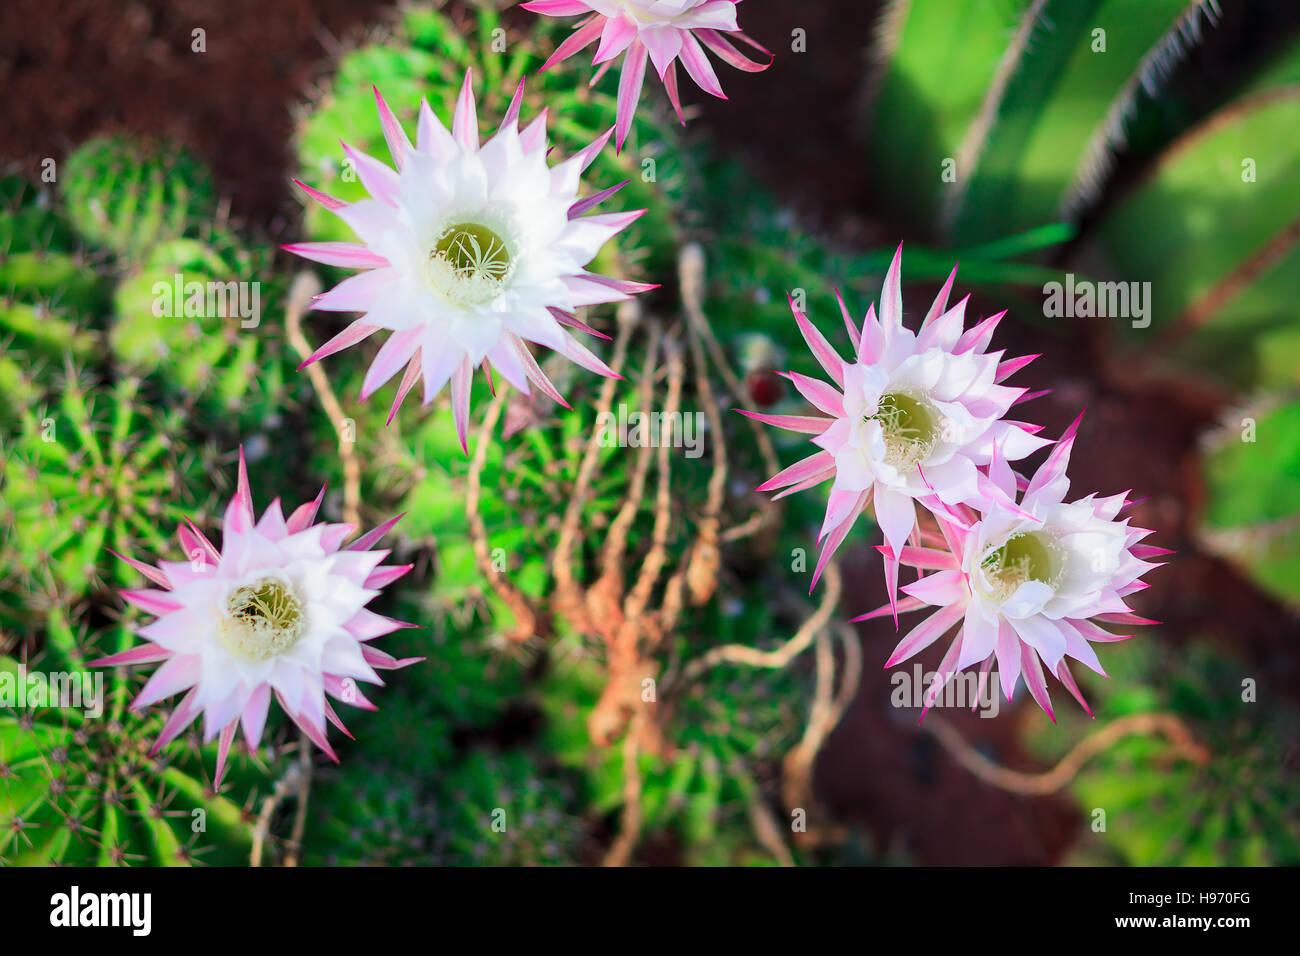 Cactus Bouquet Stock Photos & Cactus Bouquet Stock Images - Alamy